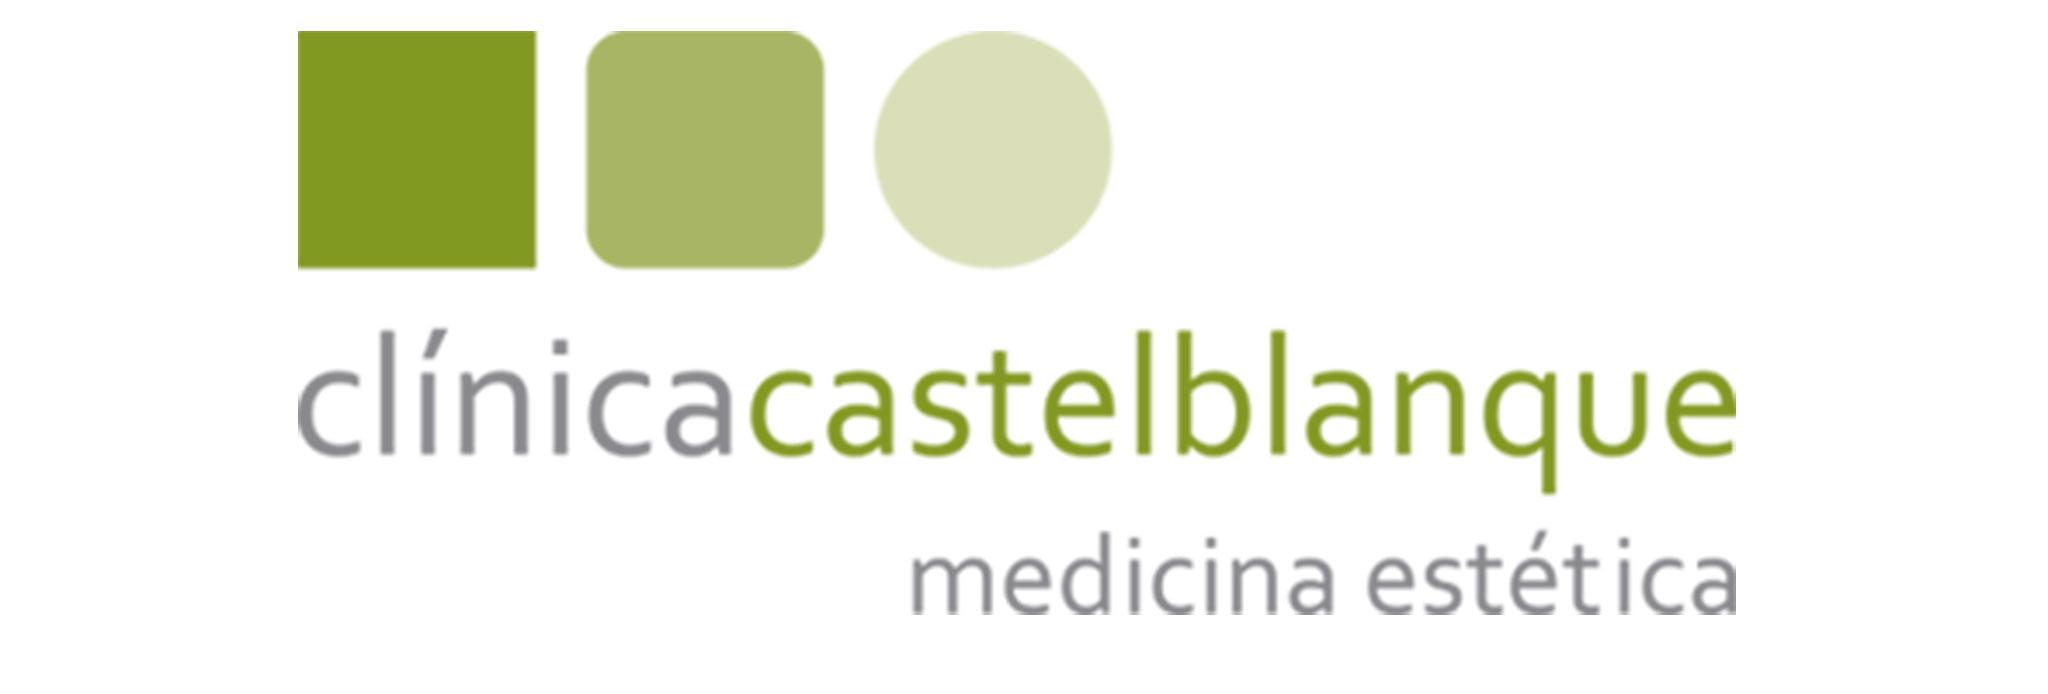 Кастельбланк Эстетик Клинический логотип